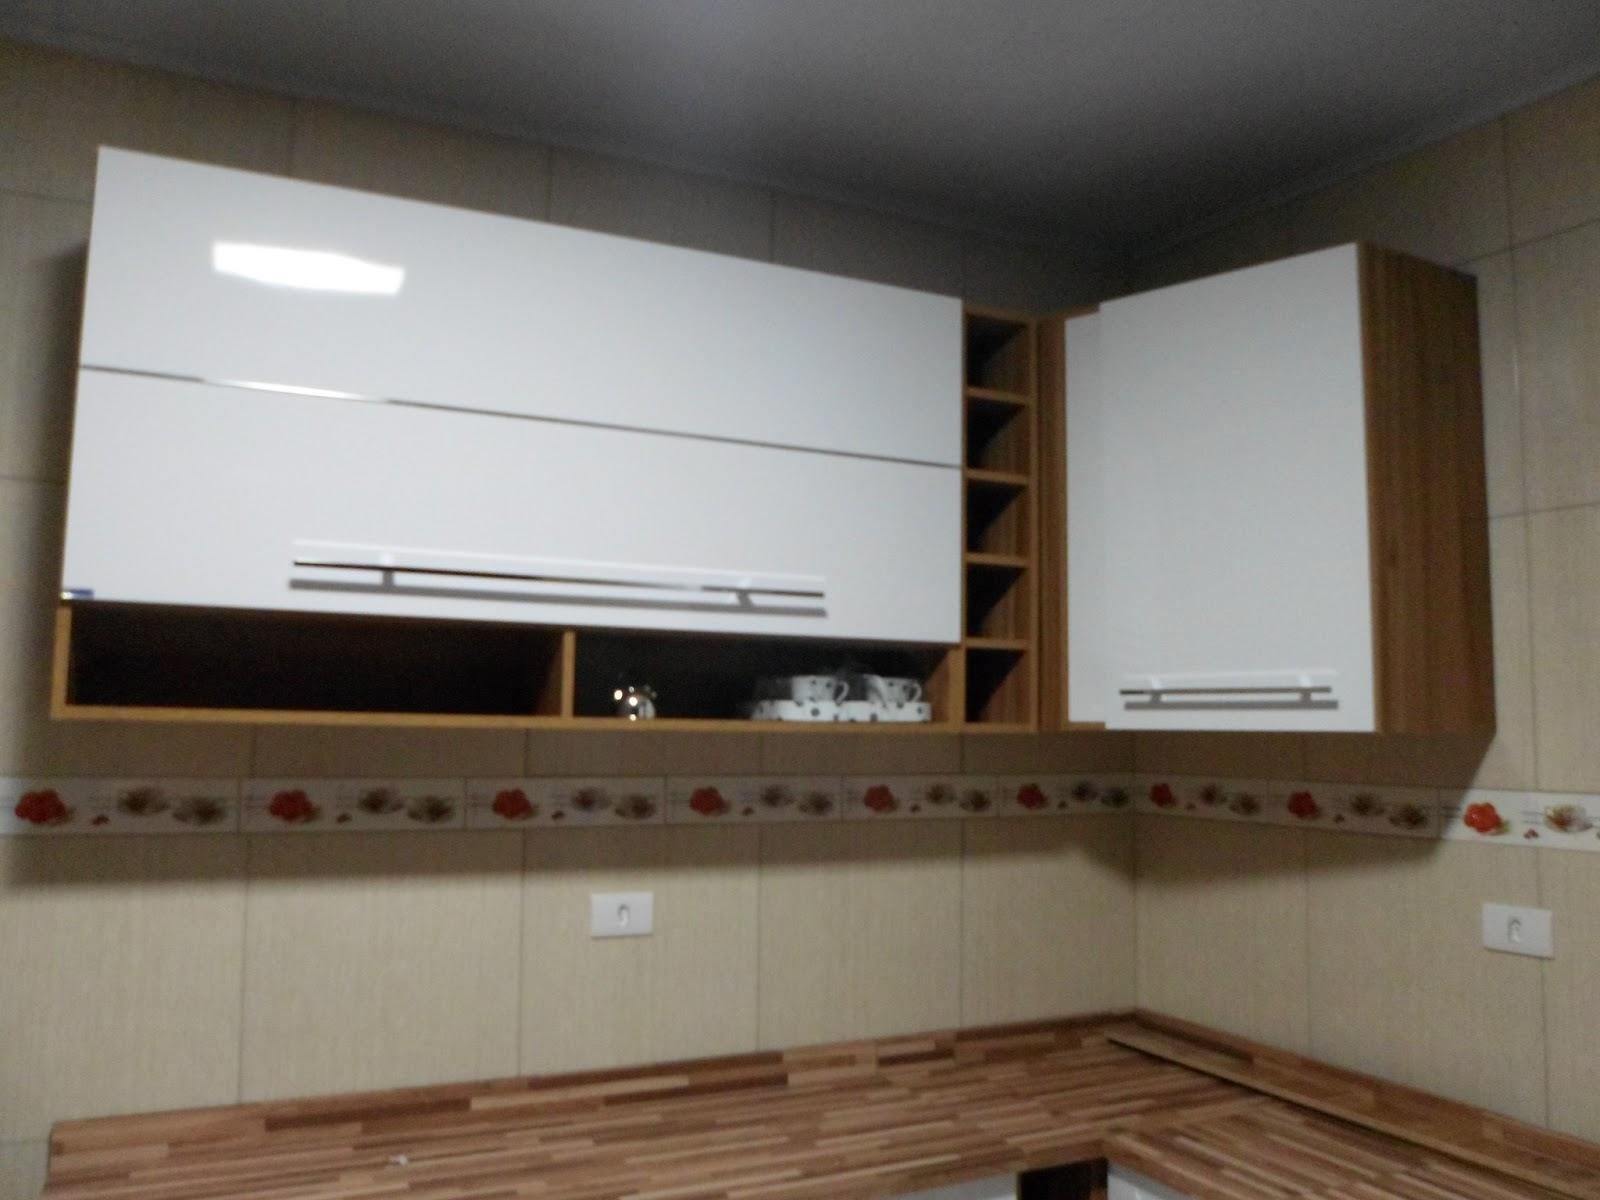 #614834 armarios cozinha bartira 1600x1200 px Armario Grande De Cozinha Casas Bahia #2135 imagens